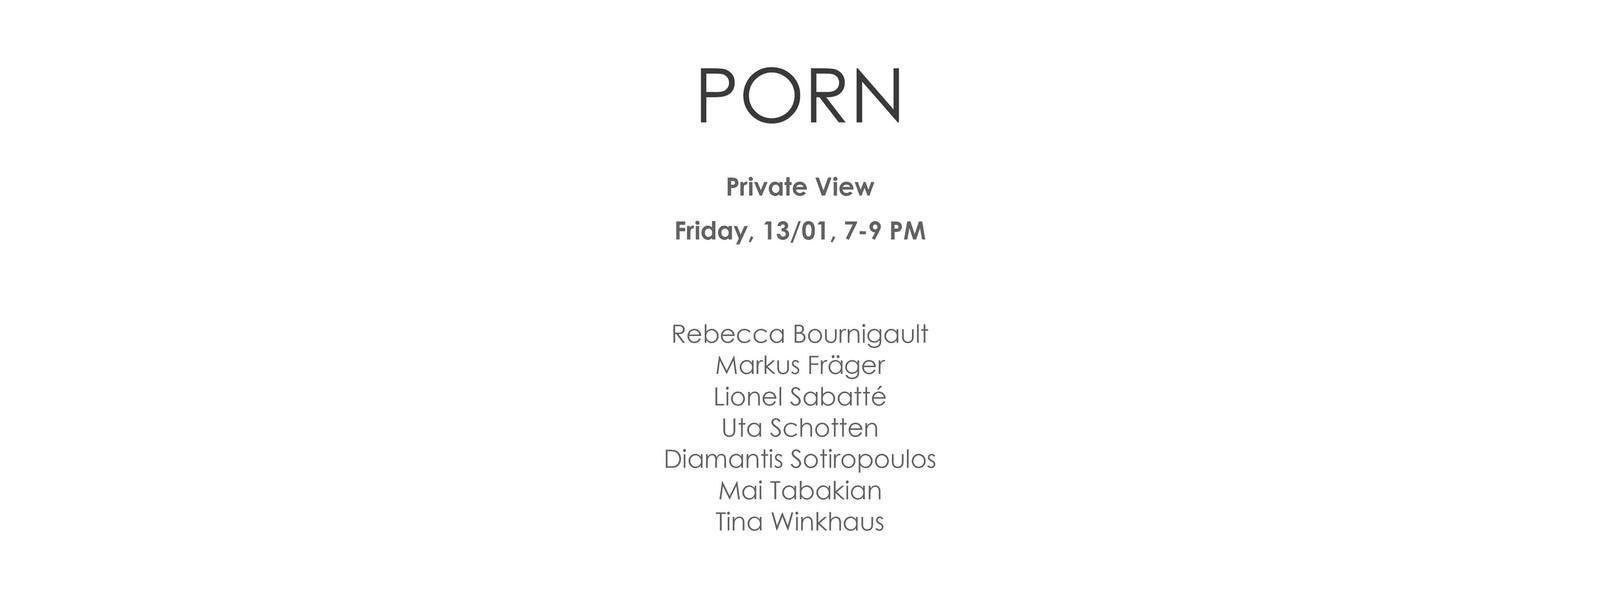 PORN - ChangesFiveX Part One - Vues d'expo - Galerie Biesenbach, Cologne (Allemagne)